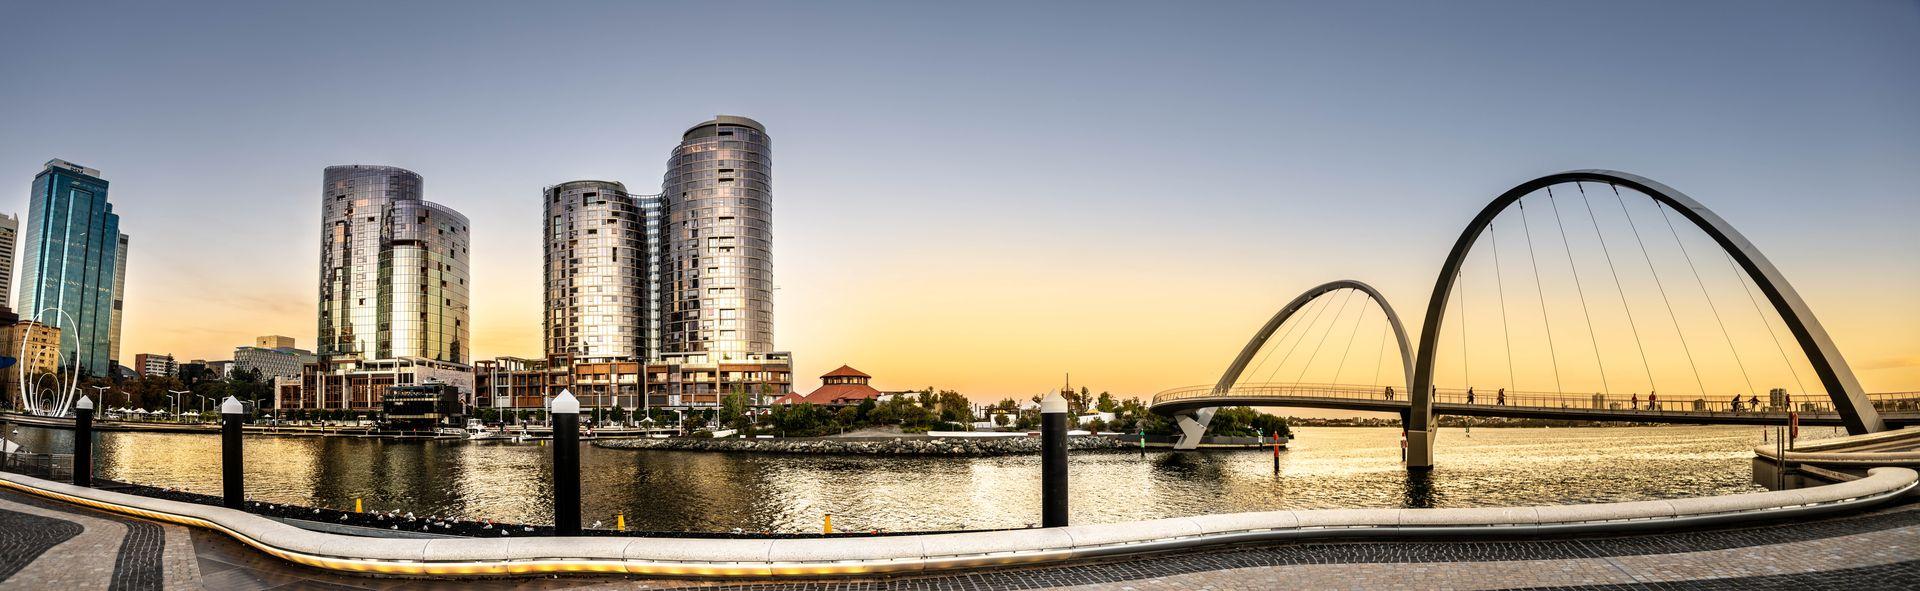 805/11 Barrack Square, Perth WA 6000, Image 2